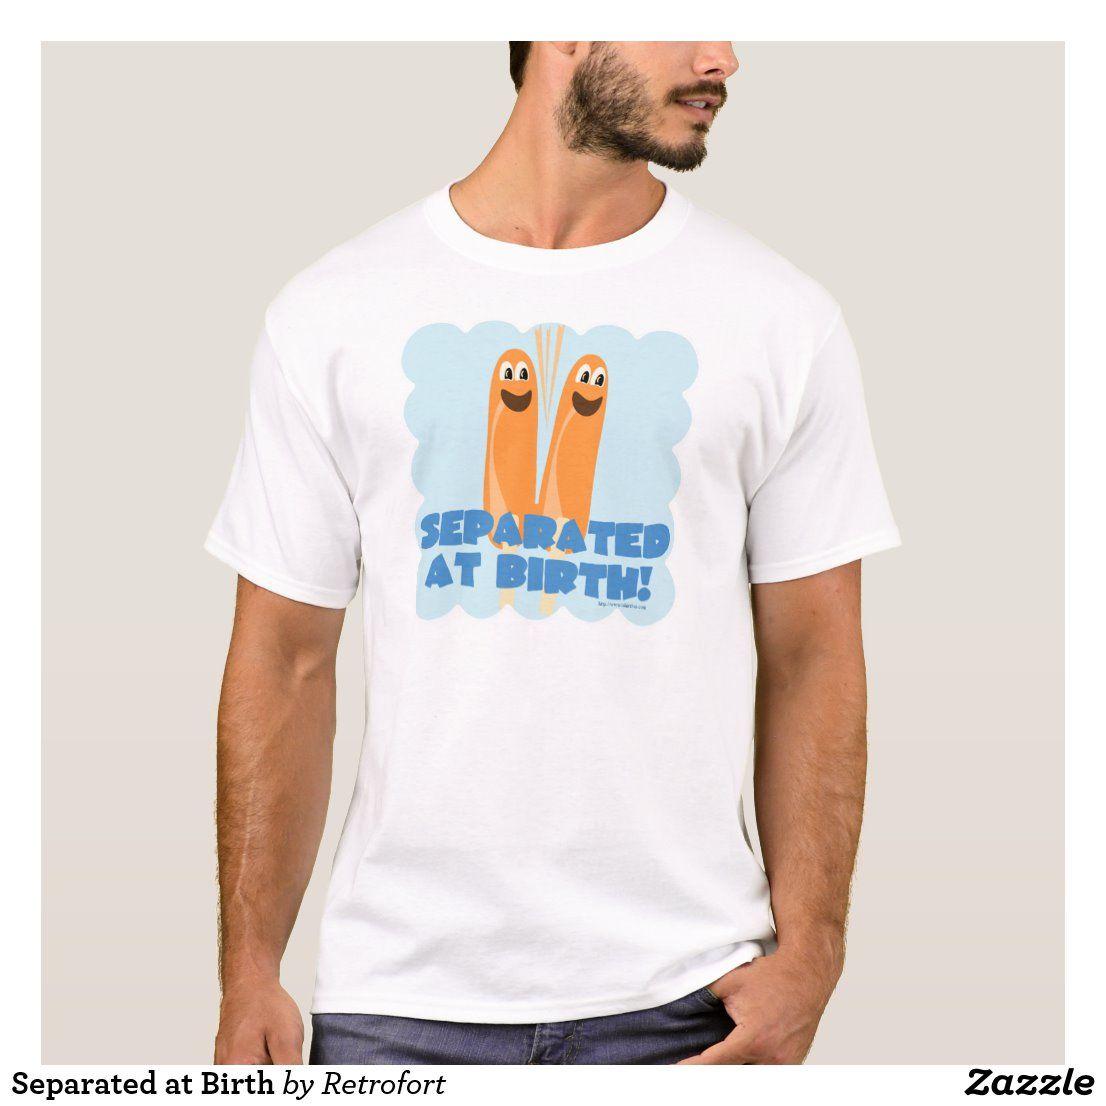 Photo of Bei der Geburt getrennt T-Shirt | Zazzle.com